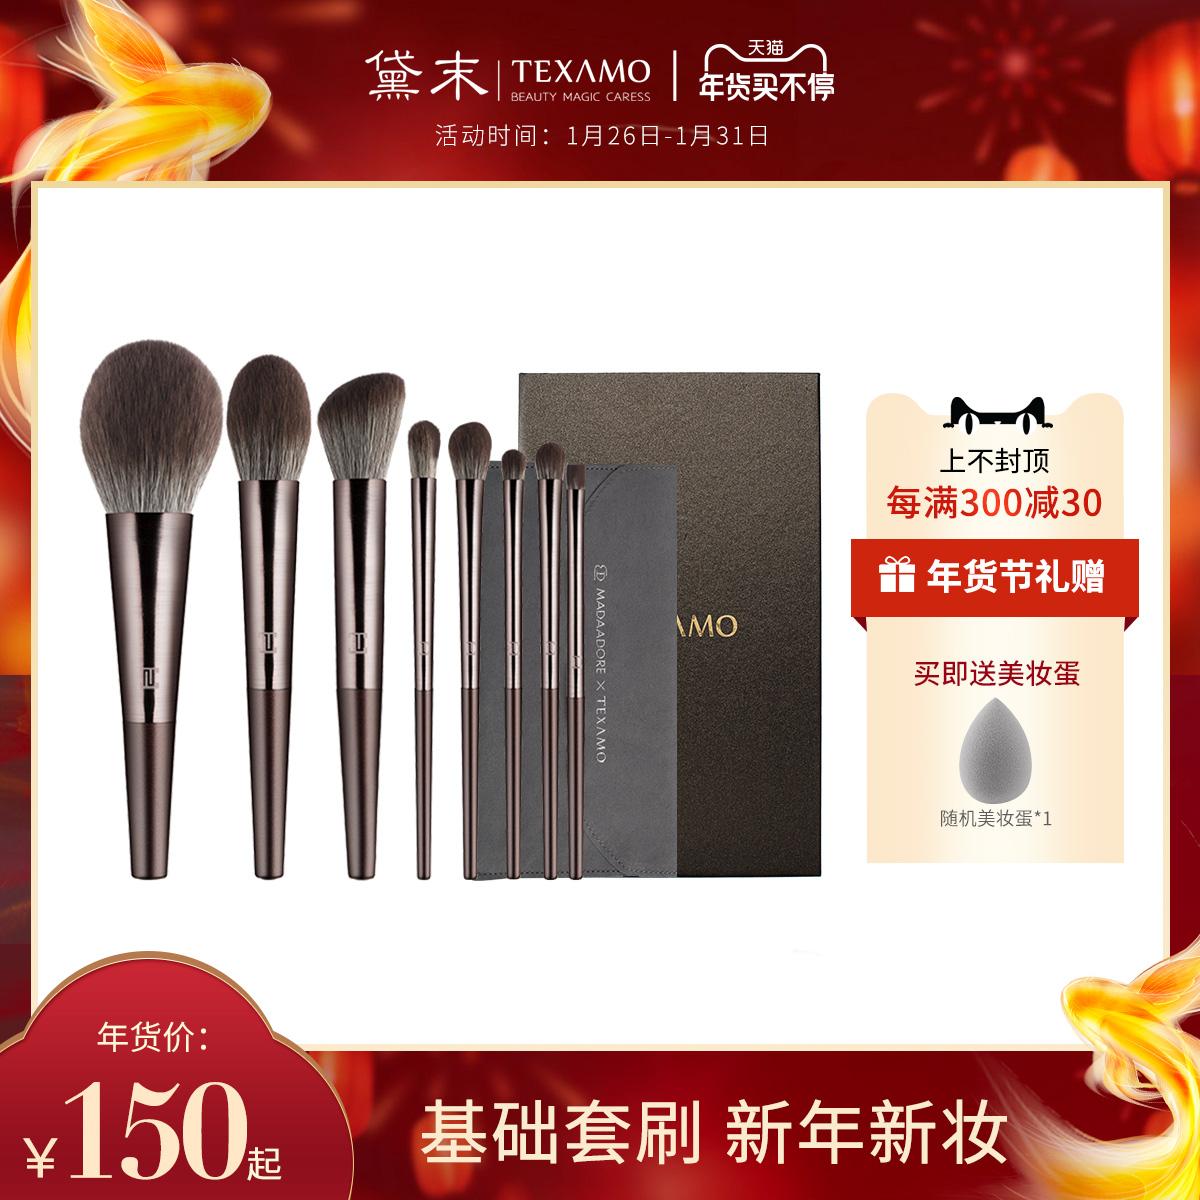 Texamo Des Mos make-up brush collection eye shadow brush foundation blush brush professional giant soft